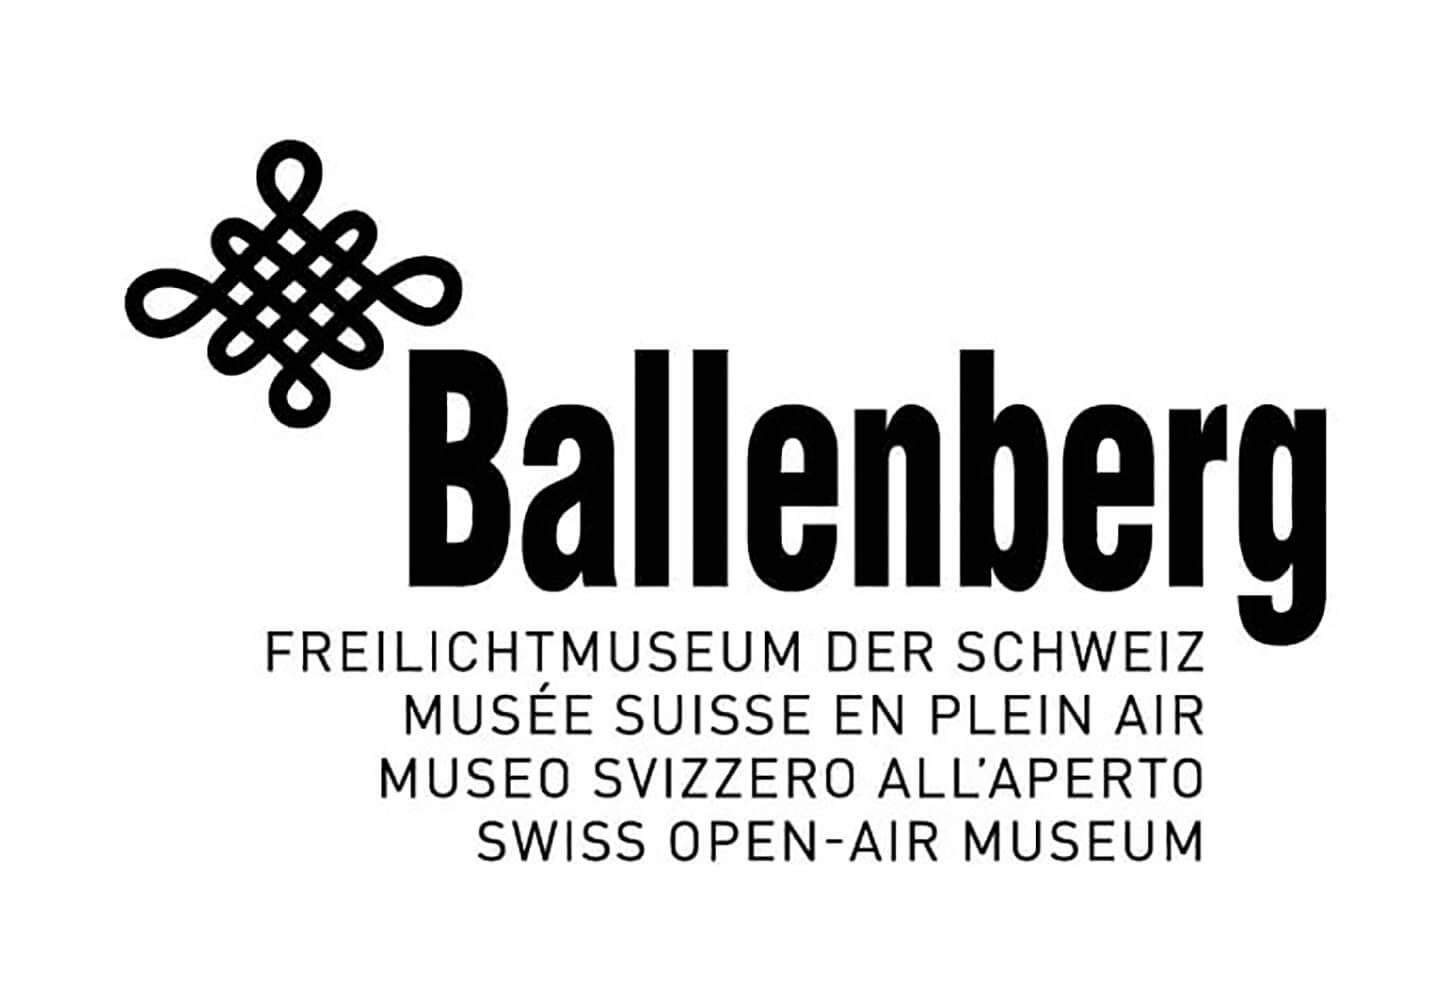 Logo zu Ballenberg, Freilichtmuseum der Schweiz